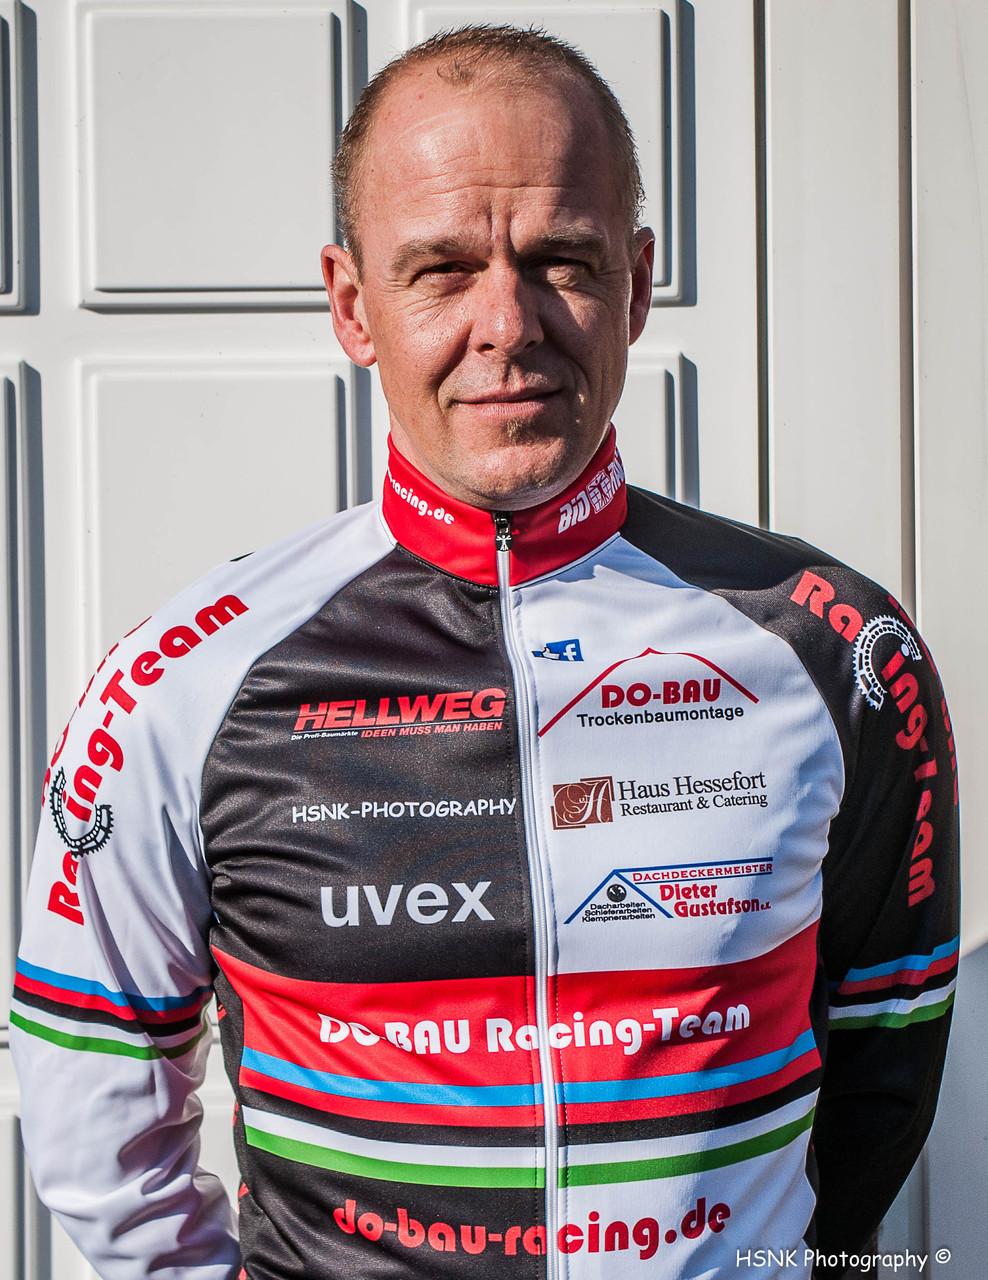 Marcus Dworak